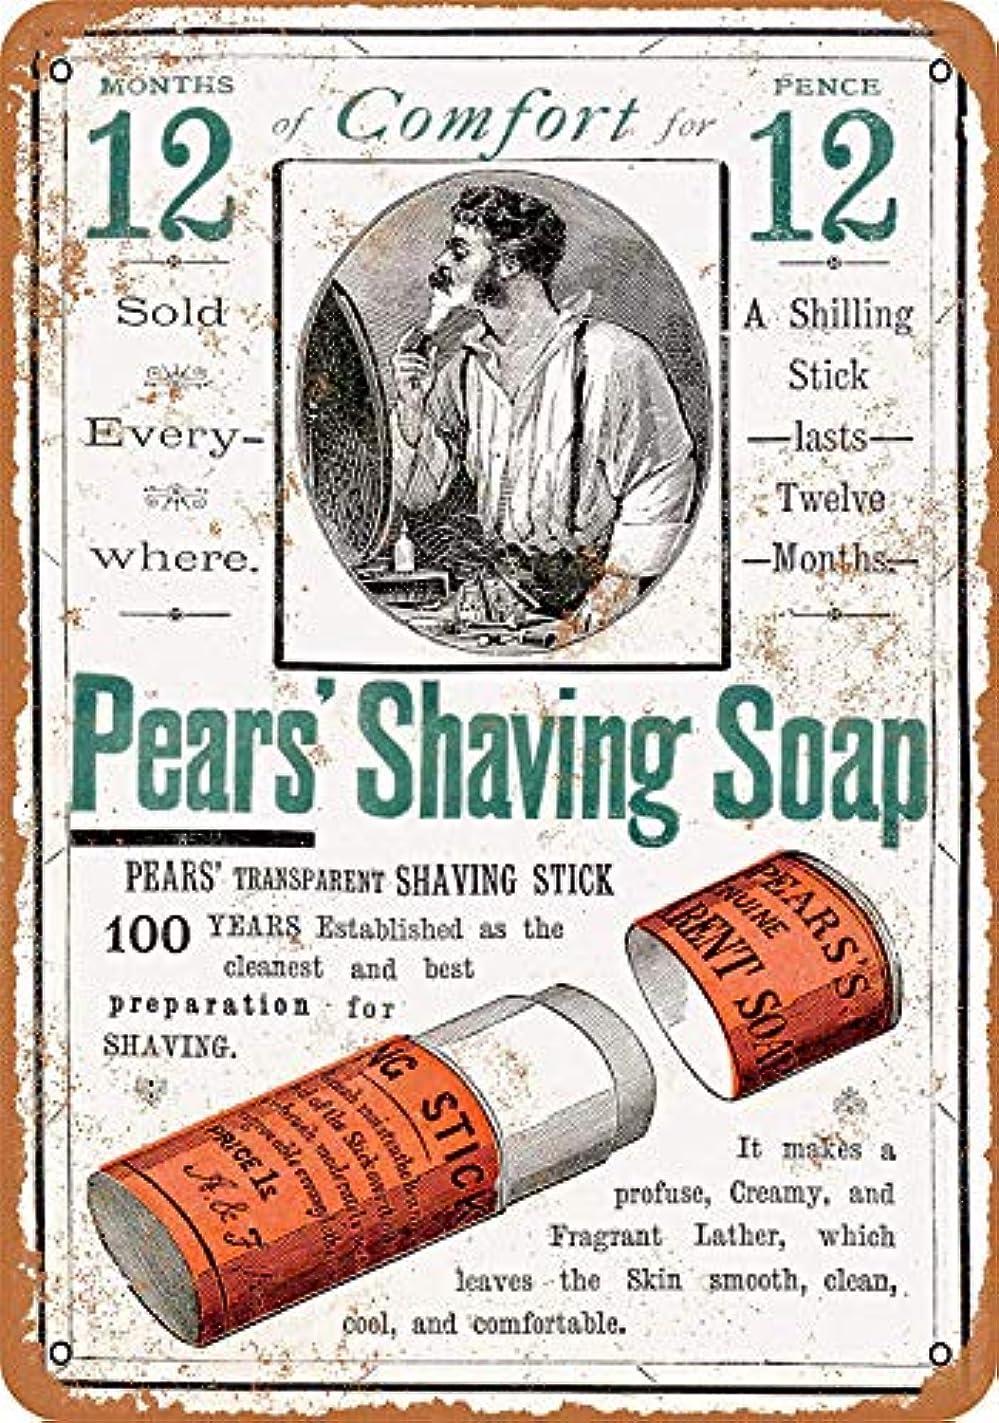 オーナー王室弱点Shimaier 壁の装飾 ブリキ 看板メタルサイン 1884 Pears' Shaving Soap ウォールアート バー カフェ 30×40cm ヴィンテージ風 メタルプレート